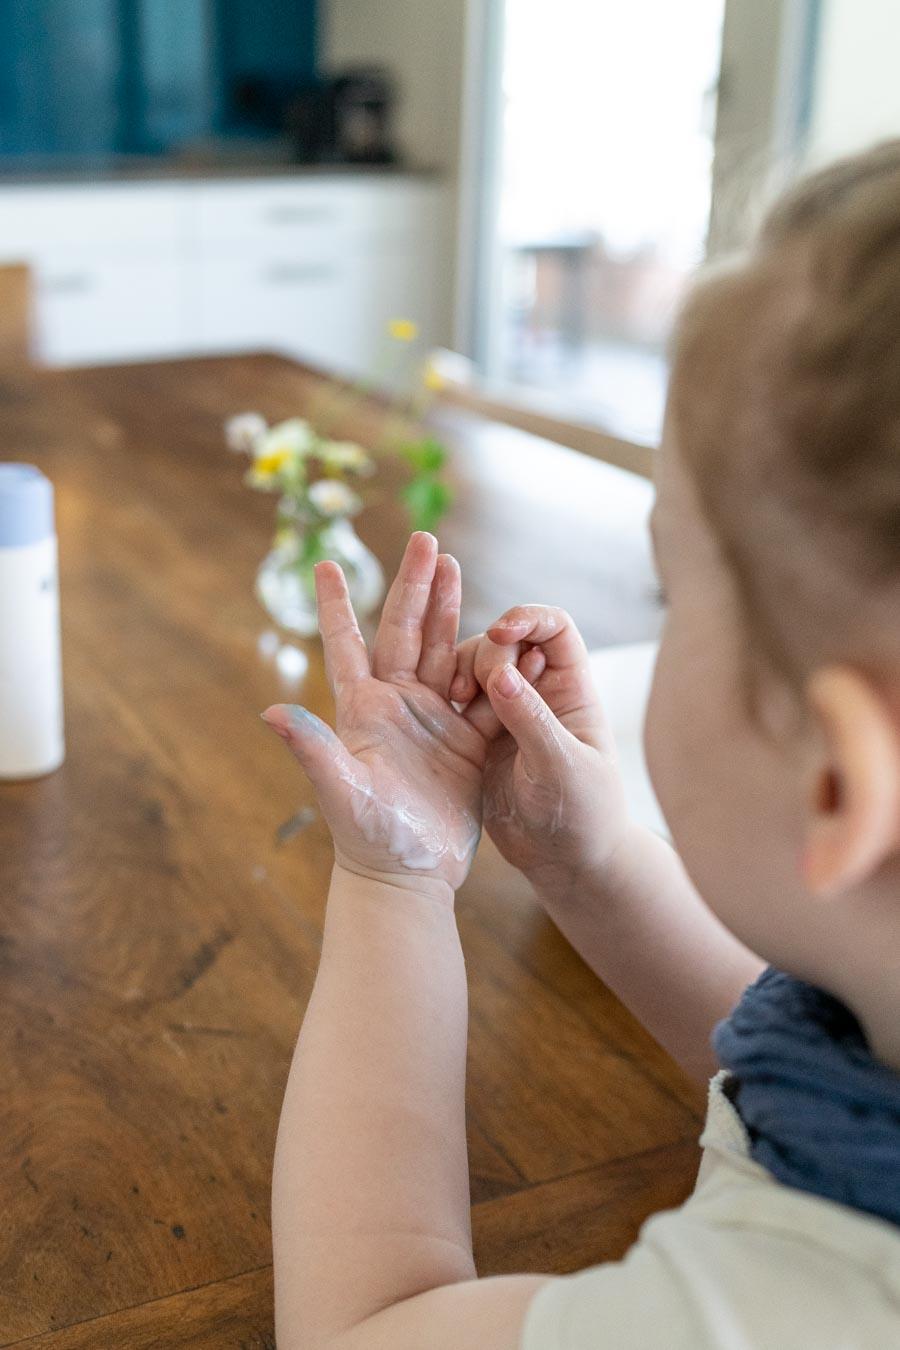 Spielidee: Schritt 1 Hände eincremen